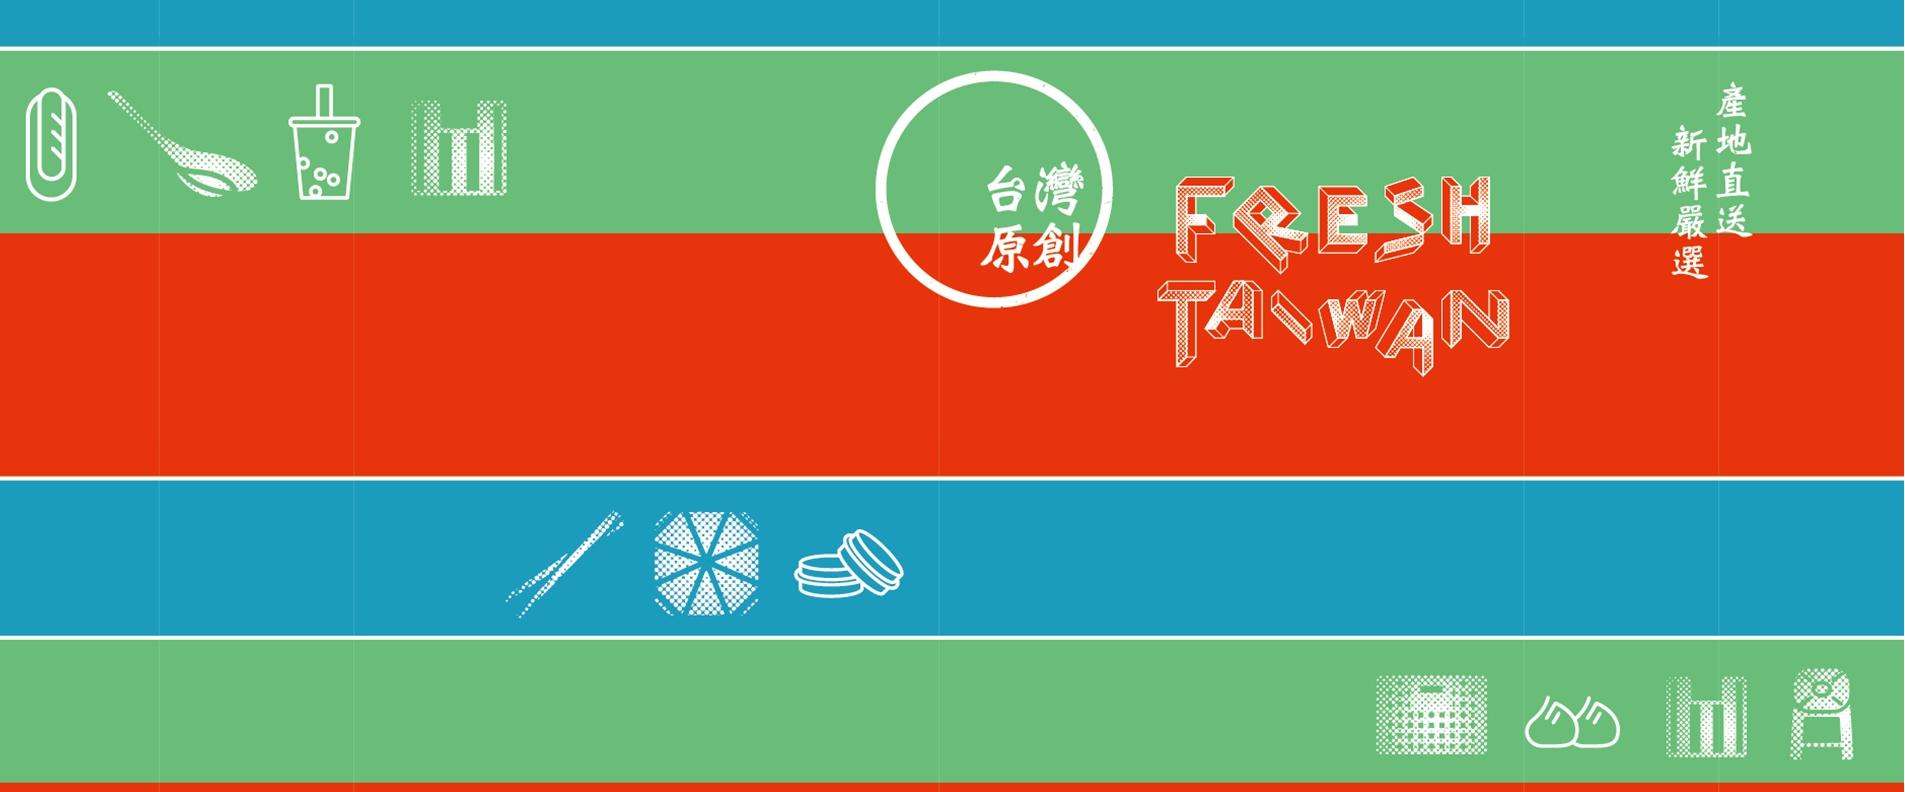 台湾の市場のイメージを東京ビッグサイトへ[另開新視窗]